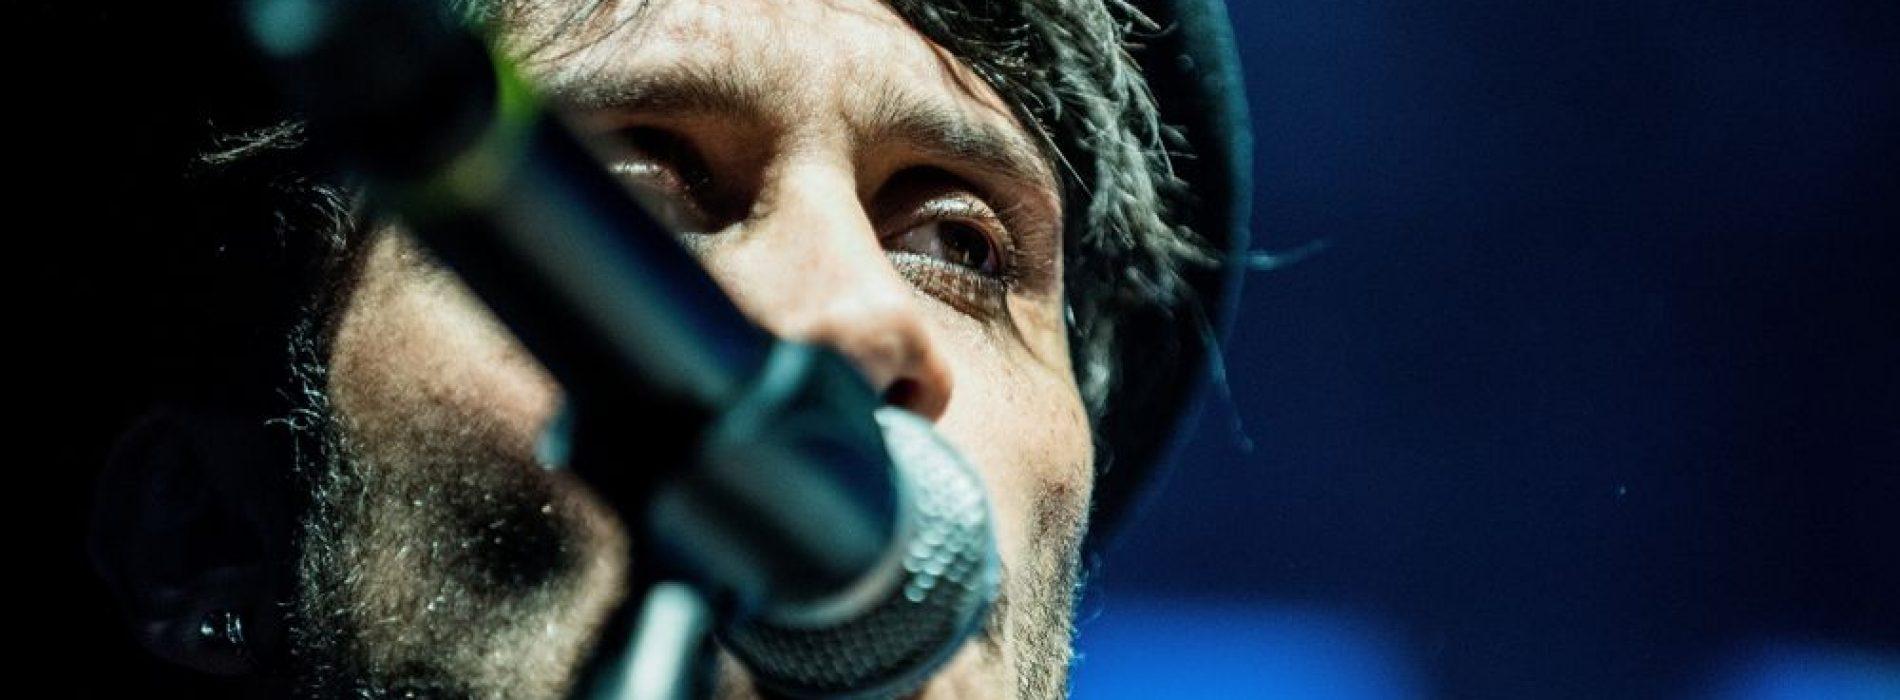 Fabrizio Moro, dopo Sanremo dona regali ai piccoli poveri